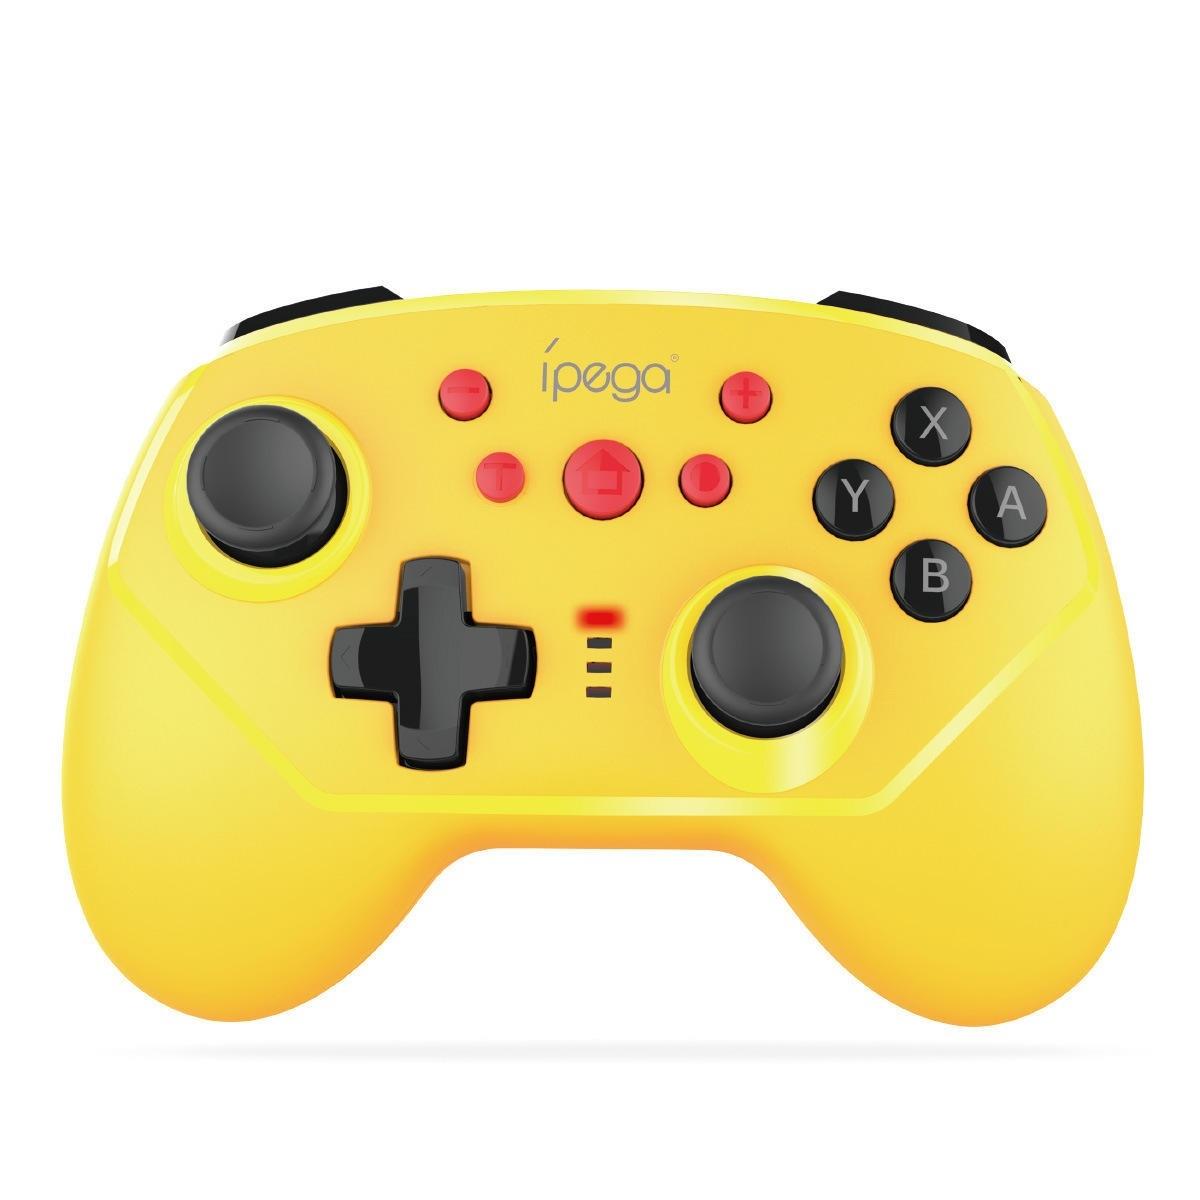 iPega PG-9162Y Mini bluetooth sexaxig vibrationsspel för Nintendo Switch Konsol Trådlös trådbunden dubbelanslutning Spel